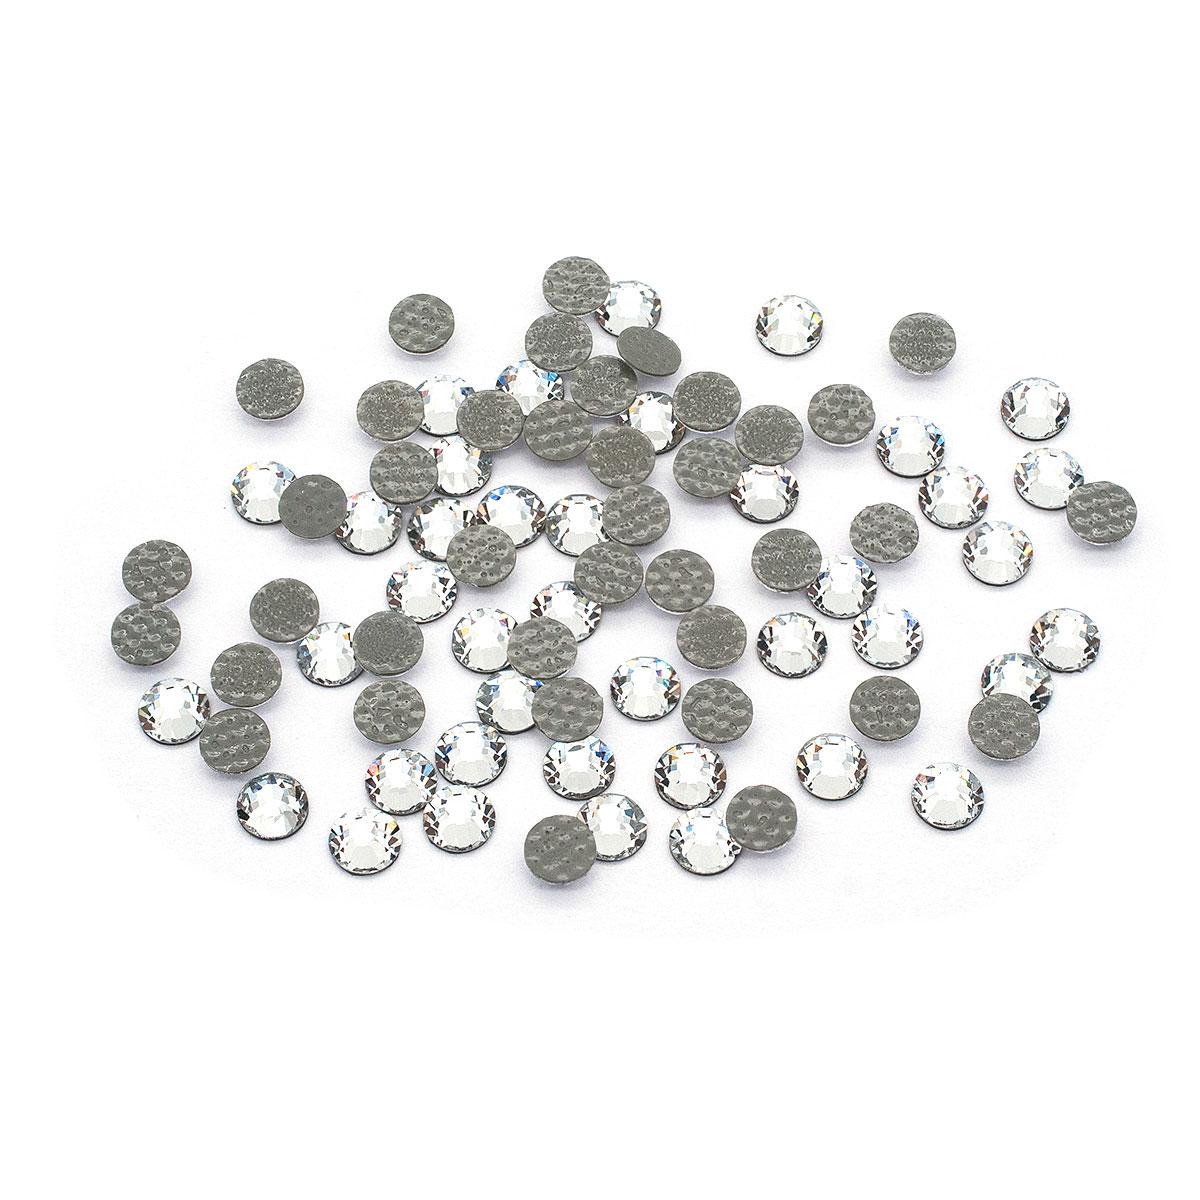 438-11-612 Стразы термоклеевые Crystal SS16 80 шт. Preciosa